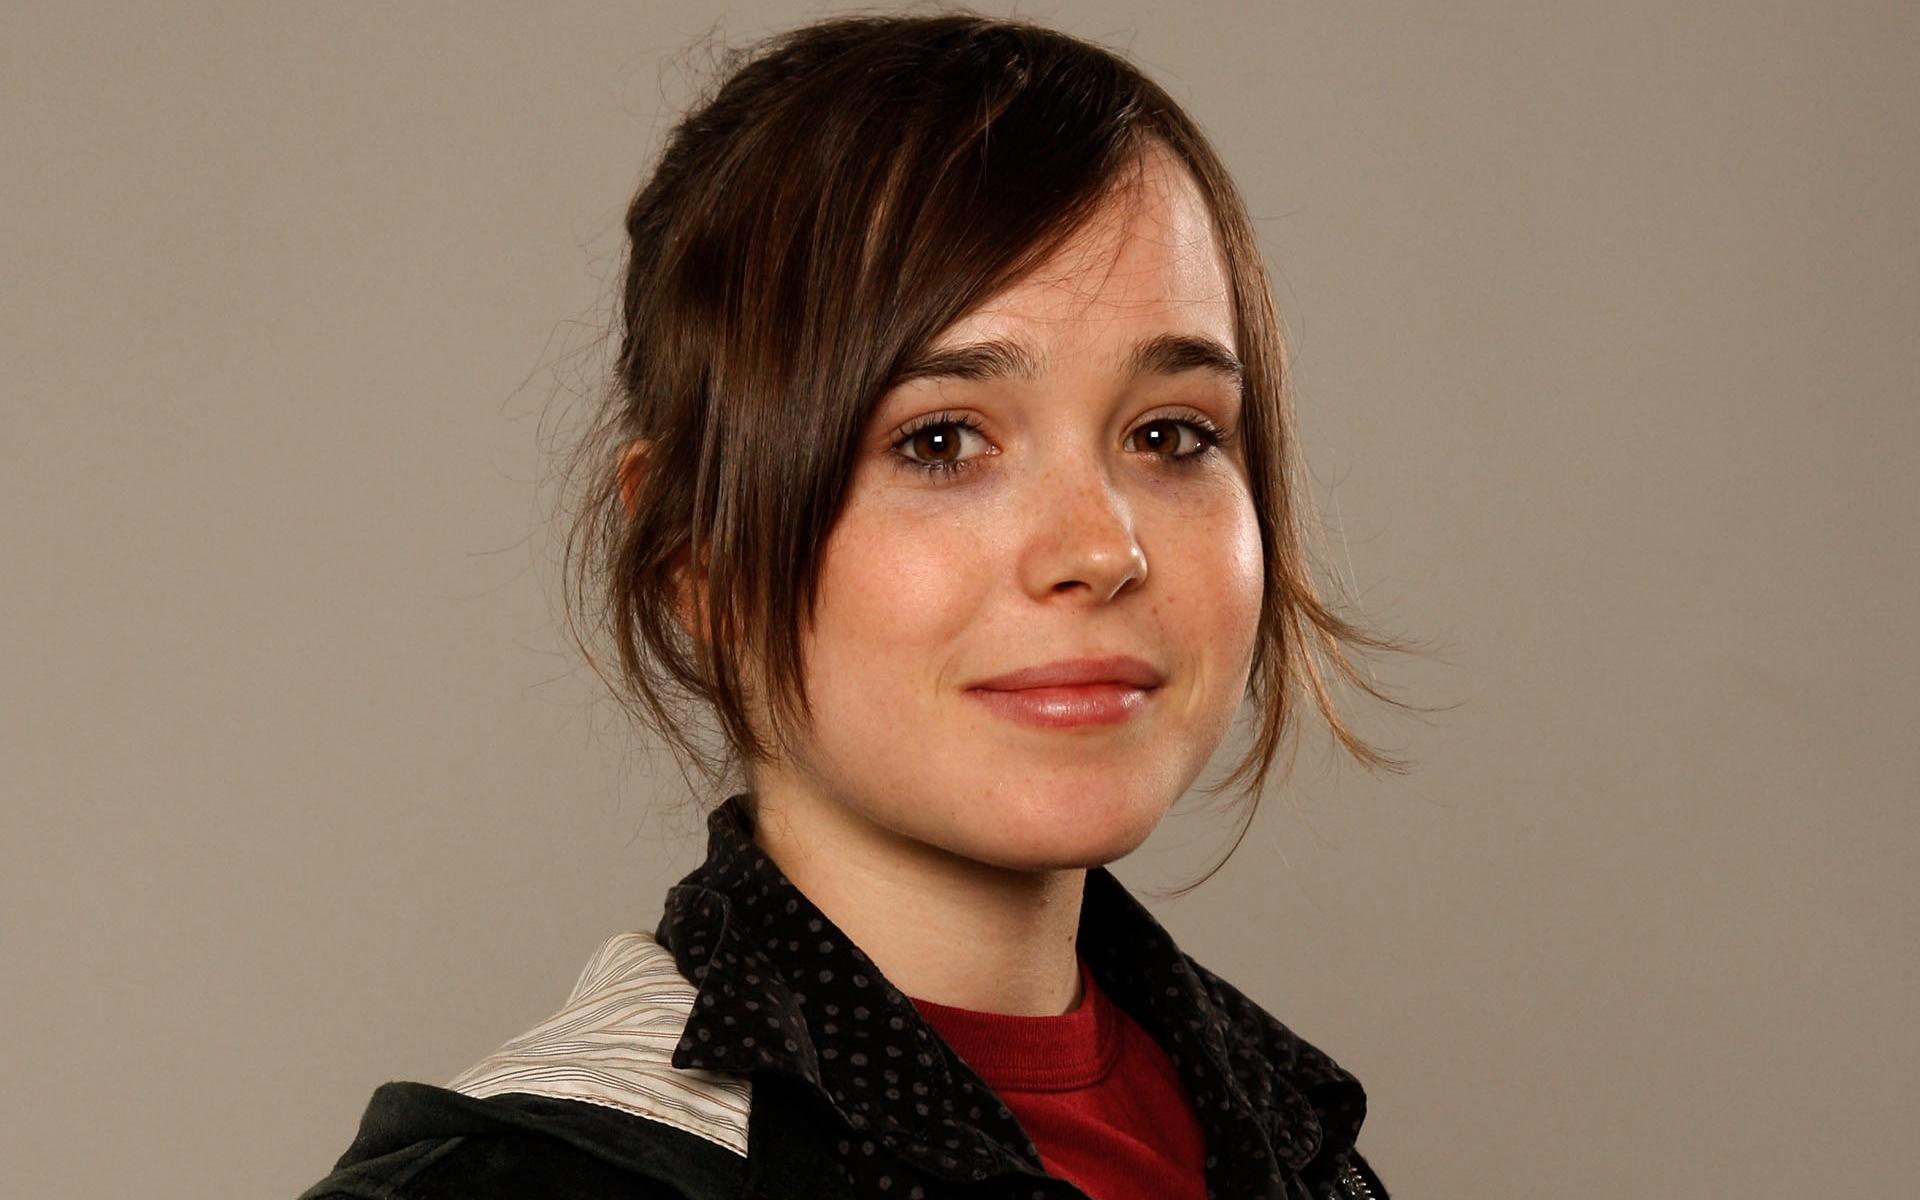 Ellen Page photo 2014